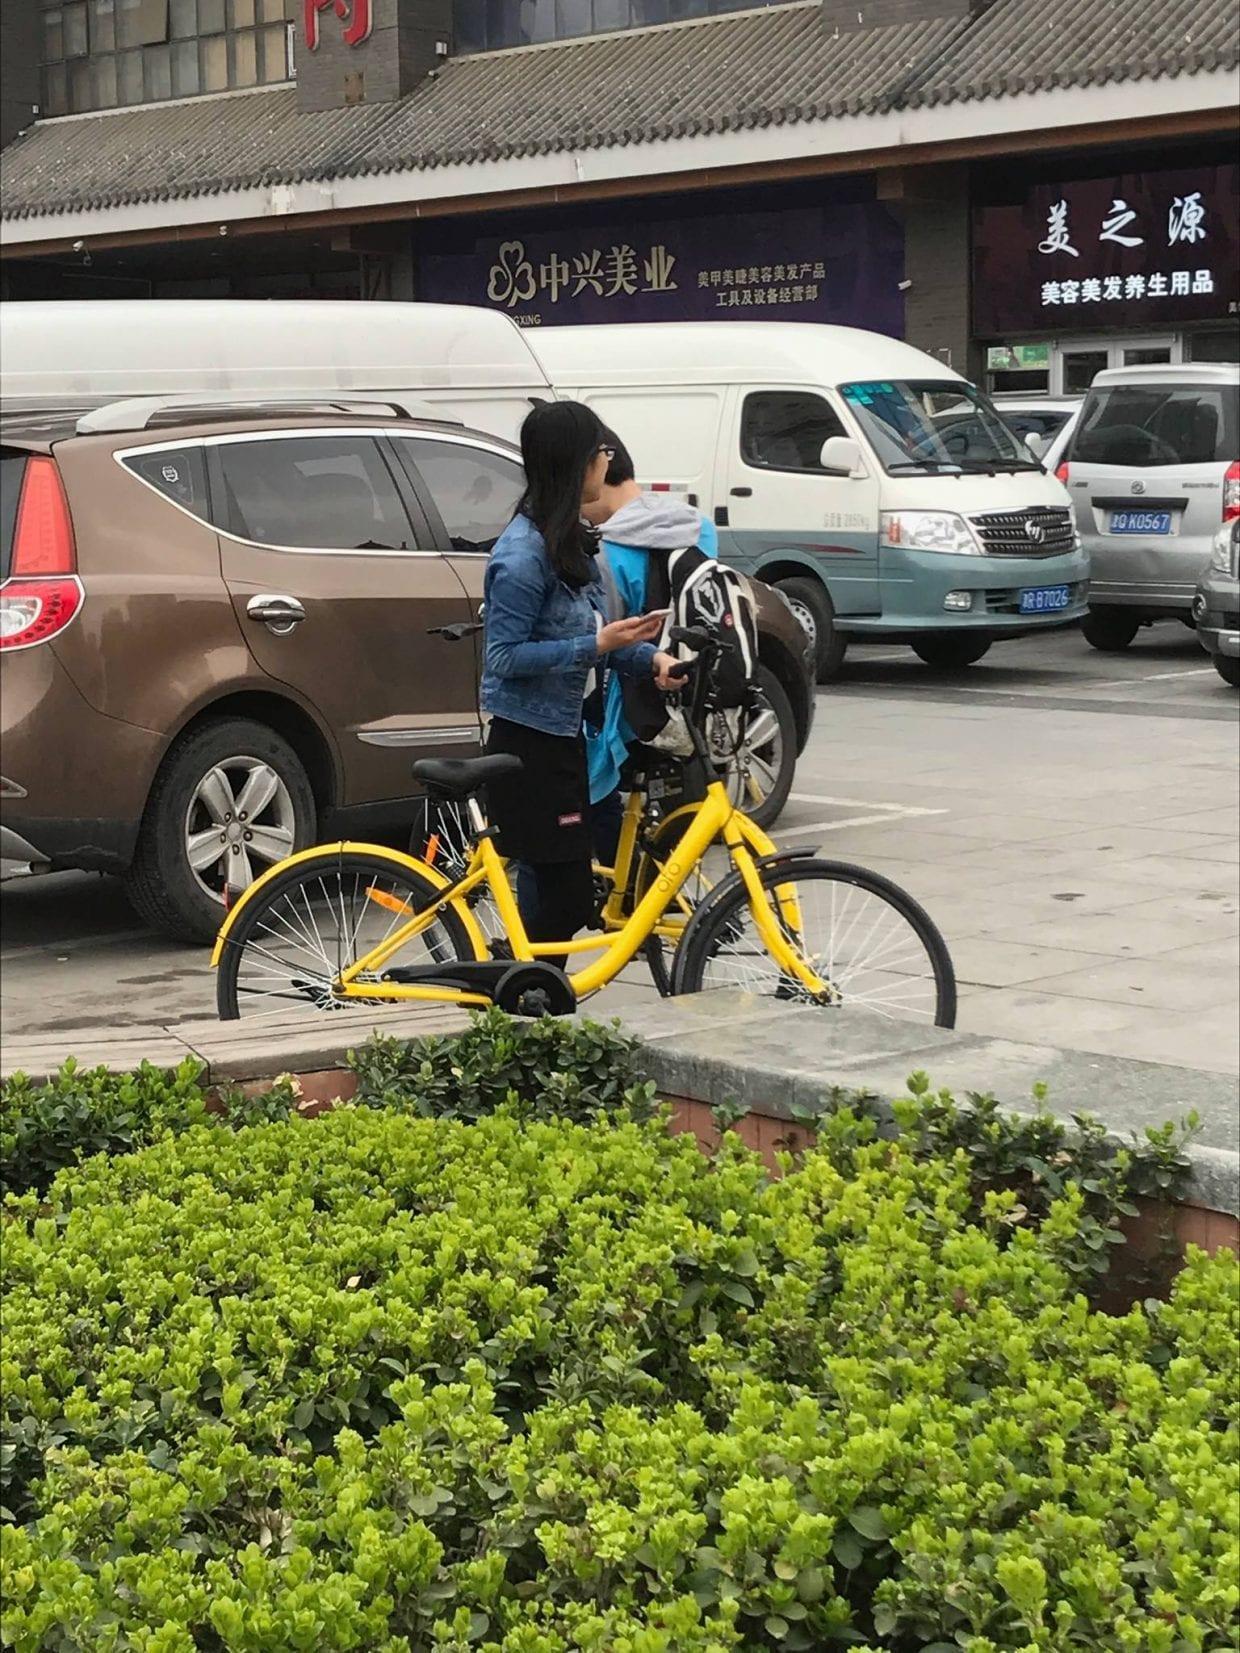 著者が天津で見かけたofo。市民に気軽に借りられていた